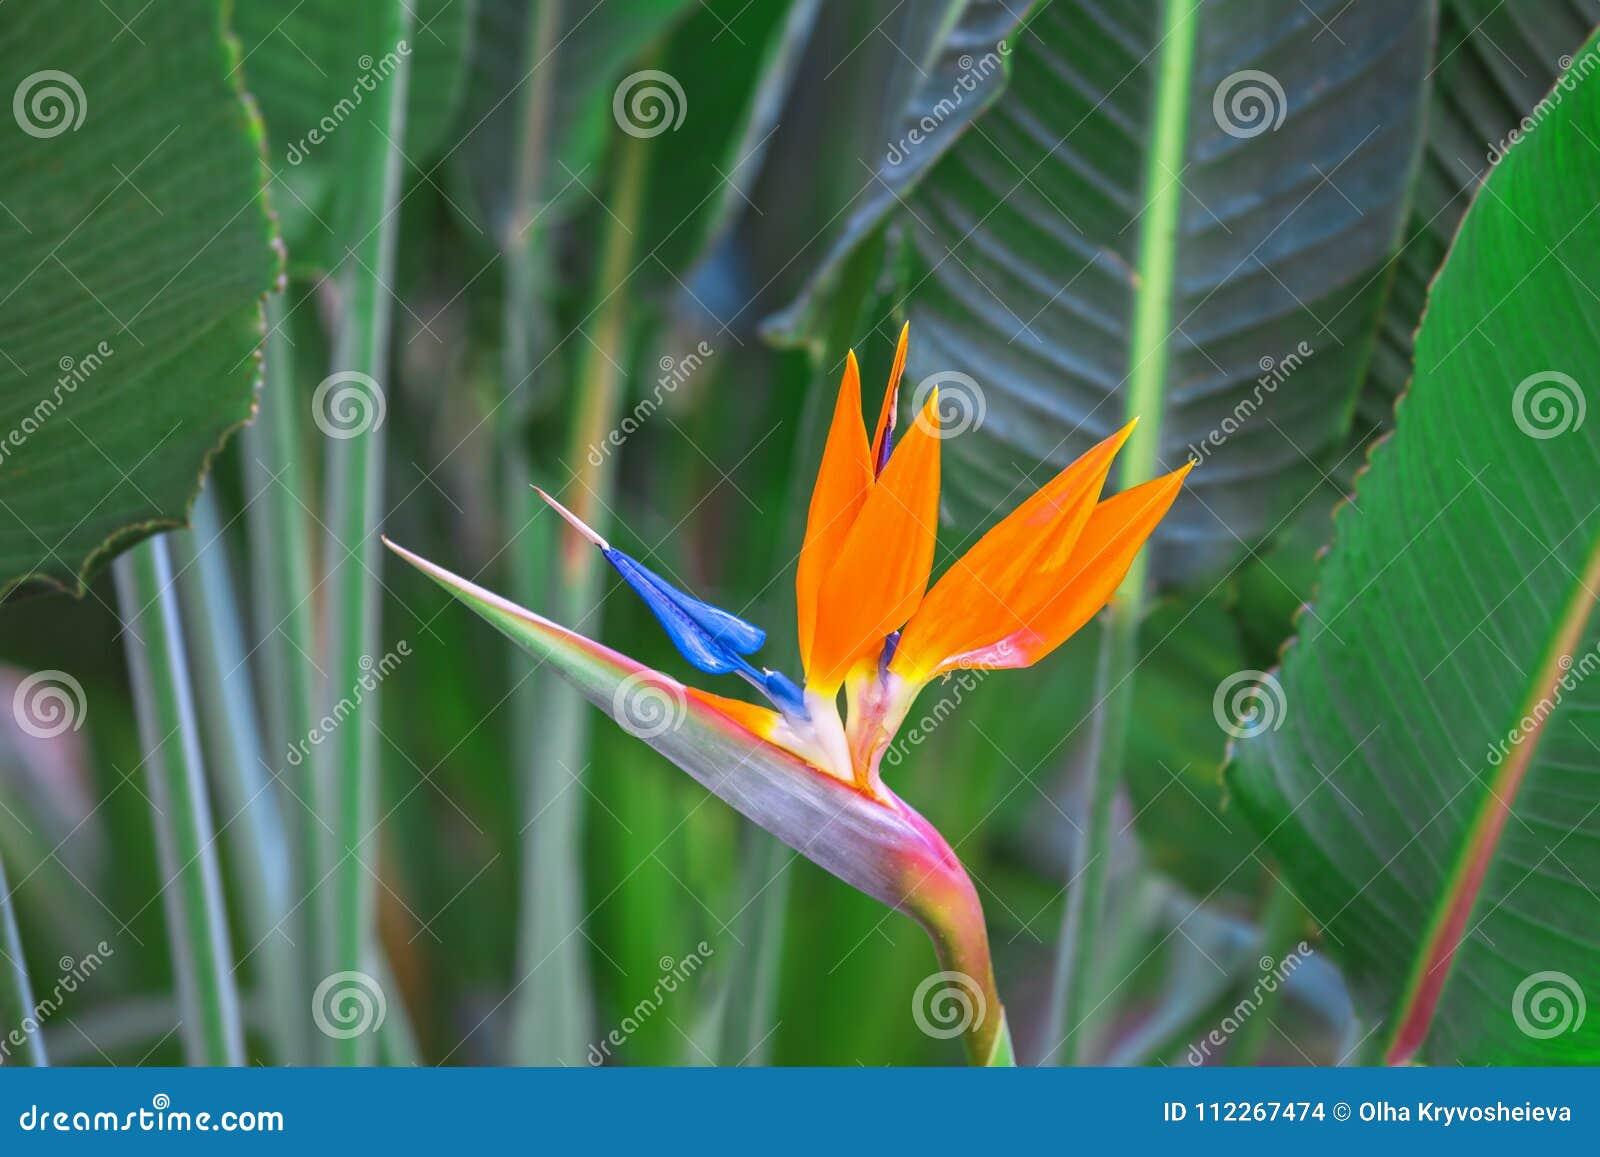 Pájaro hermoso de la flor de paraíso Reginae tropicales del Strelitzia de la flor en fondo verde